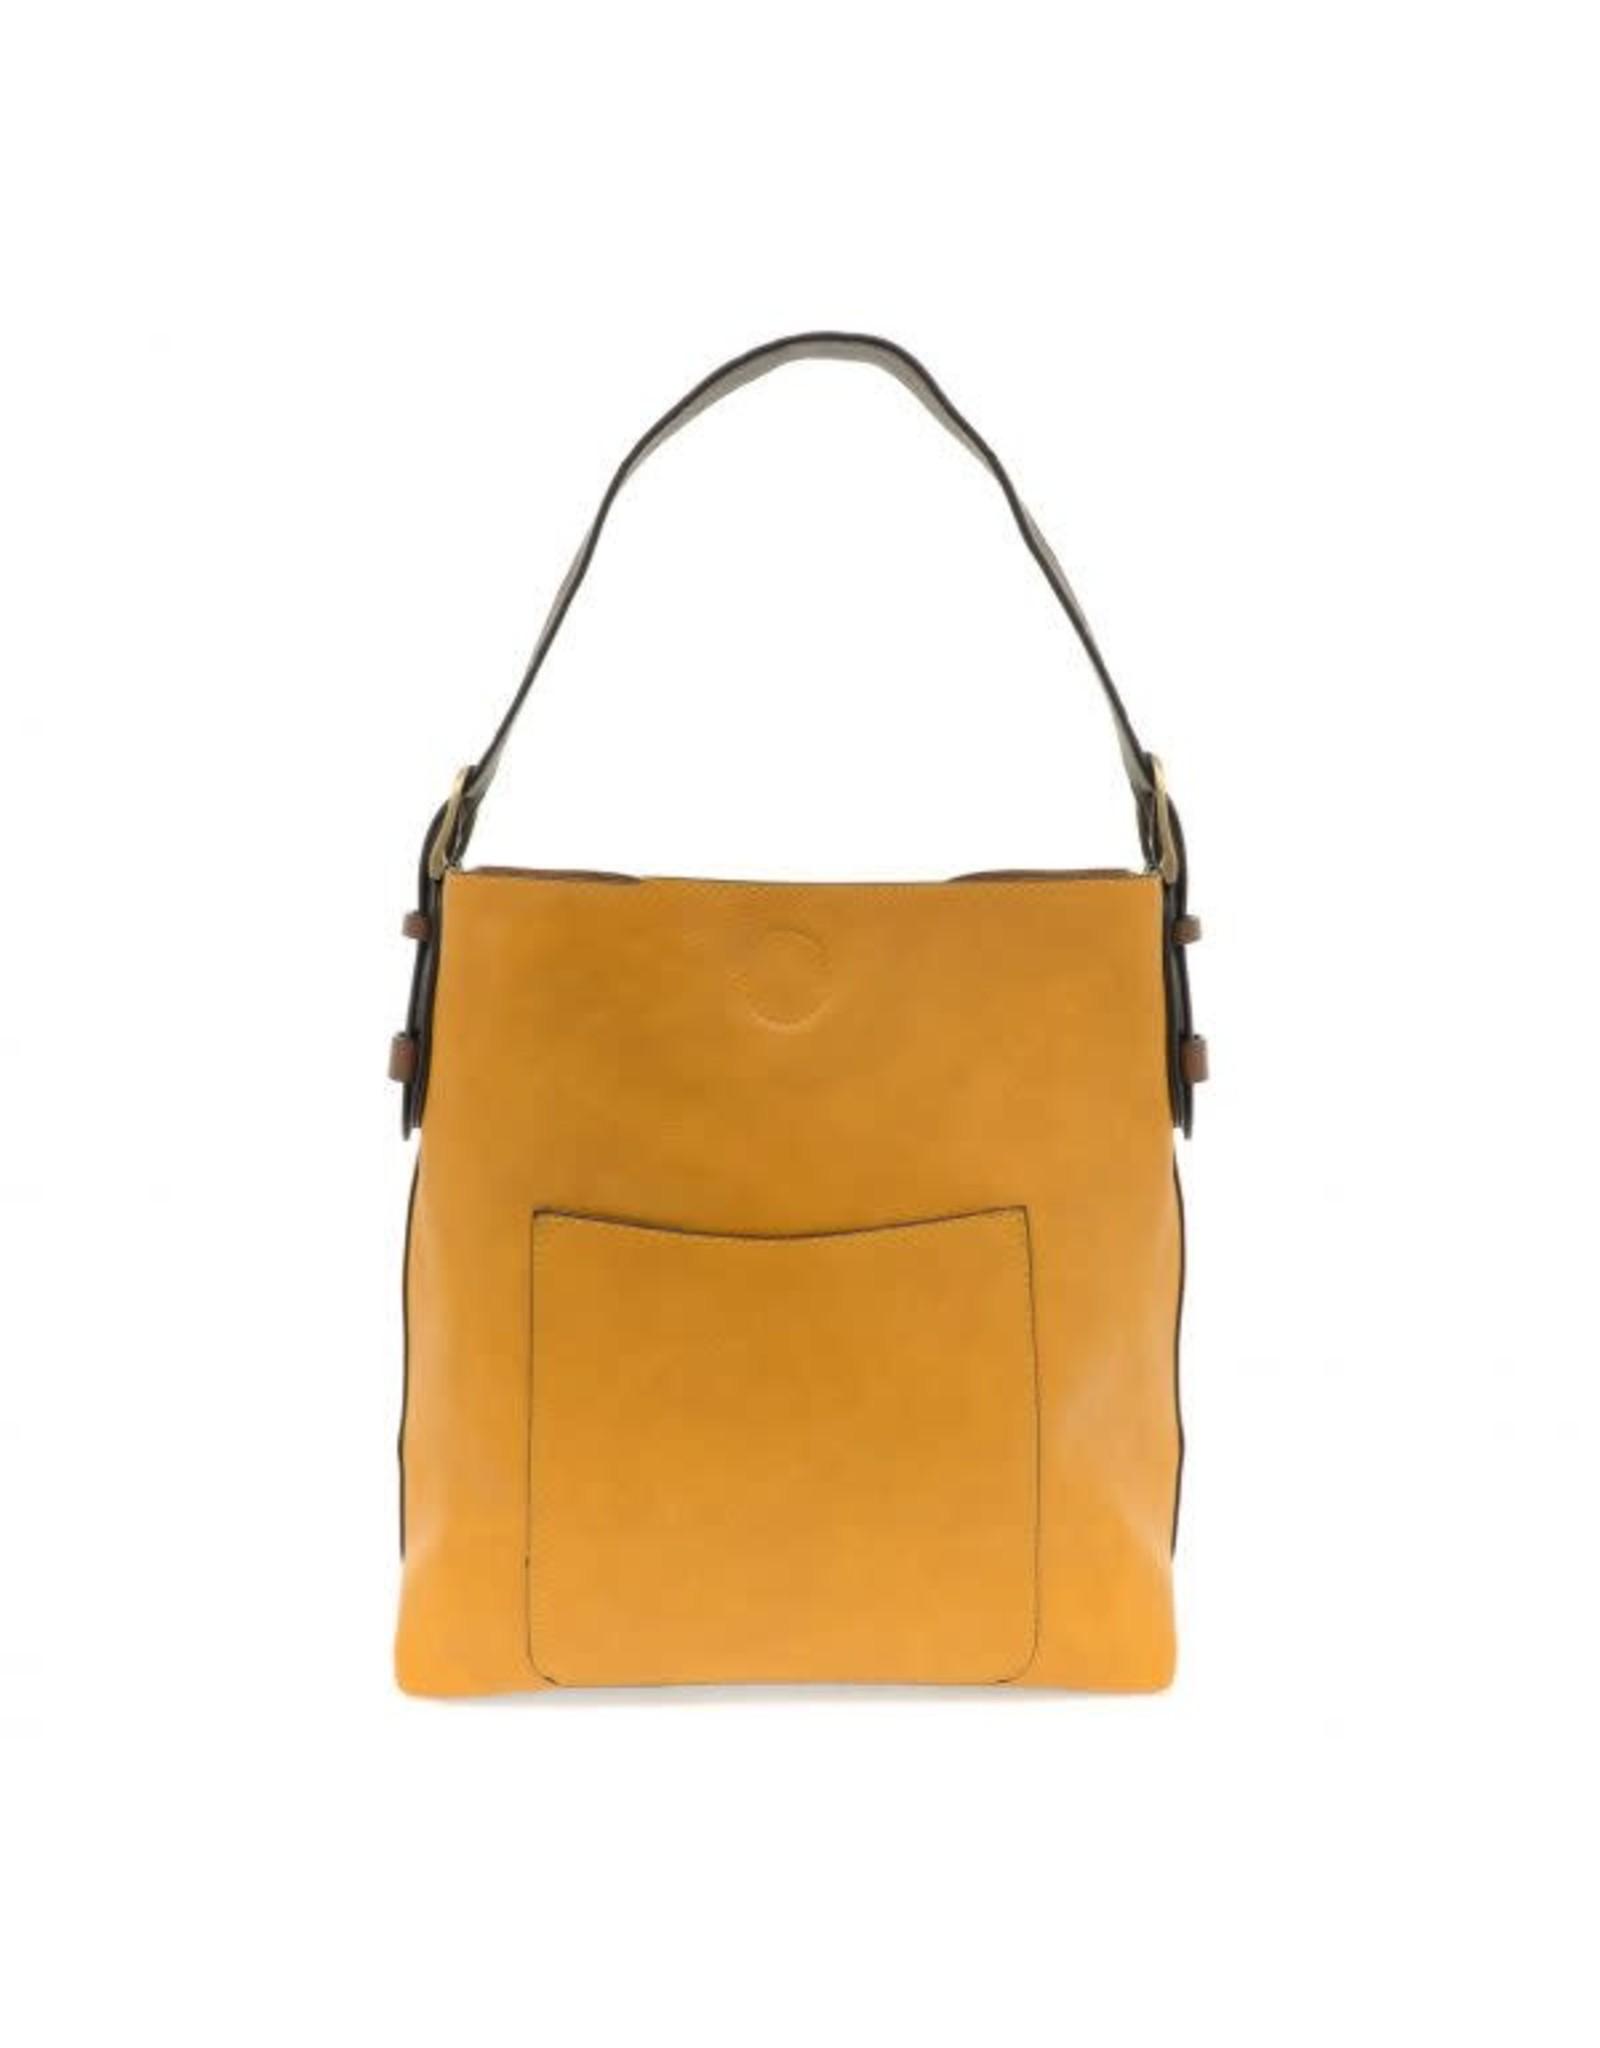 Hobo Style Handbag With Coffee Handle - Assorted